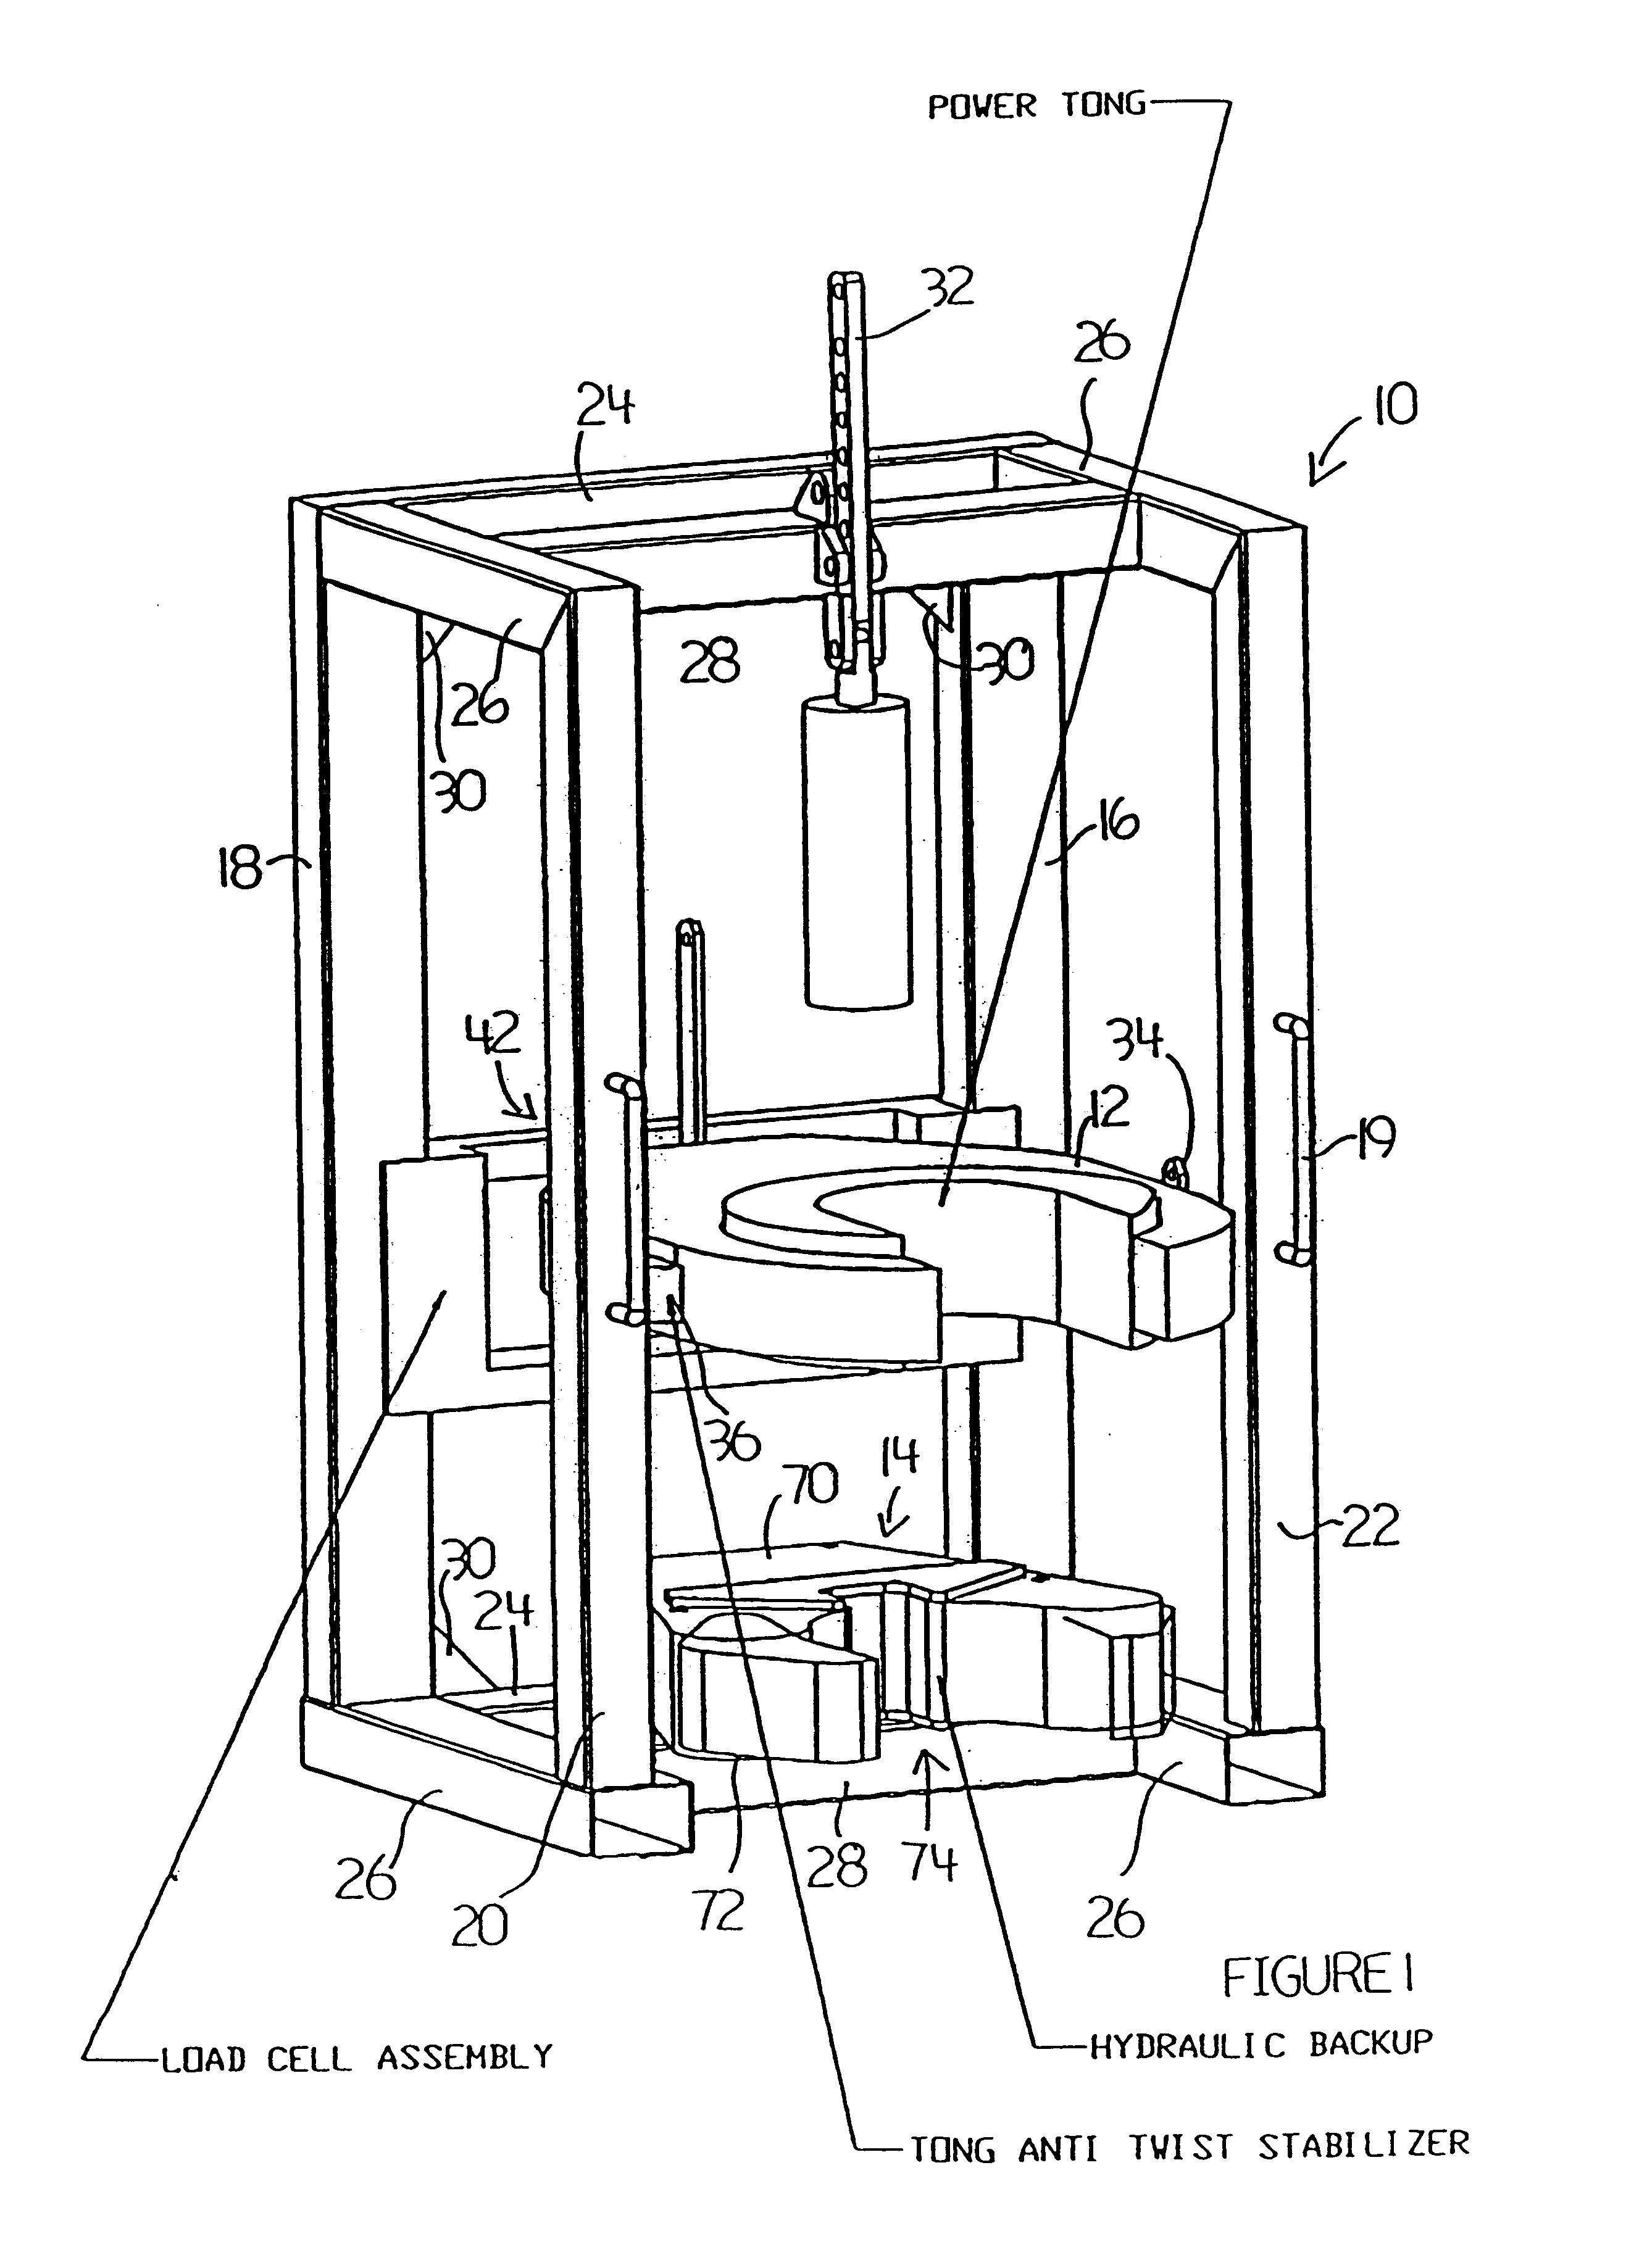 barnes hydraulic pump wiring diagram for ls3 swap wiring